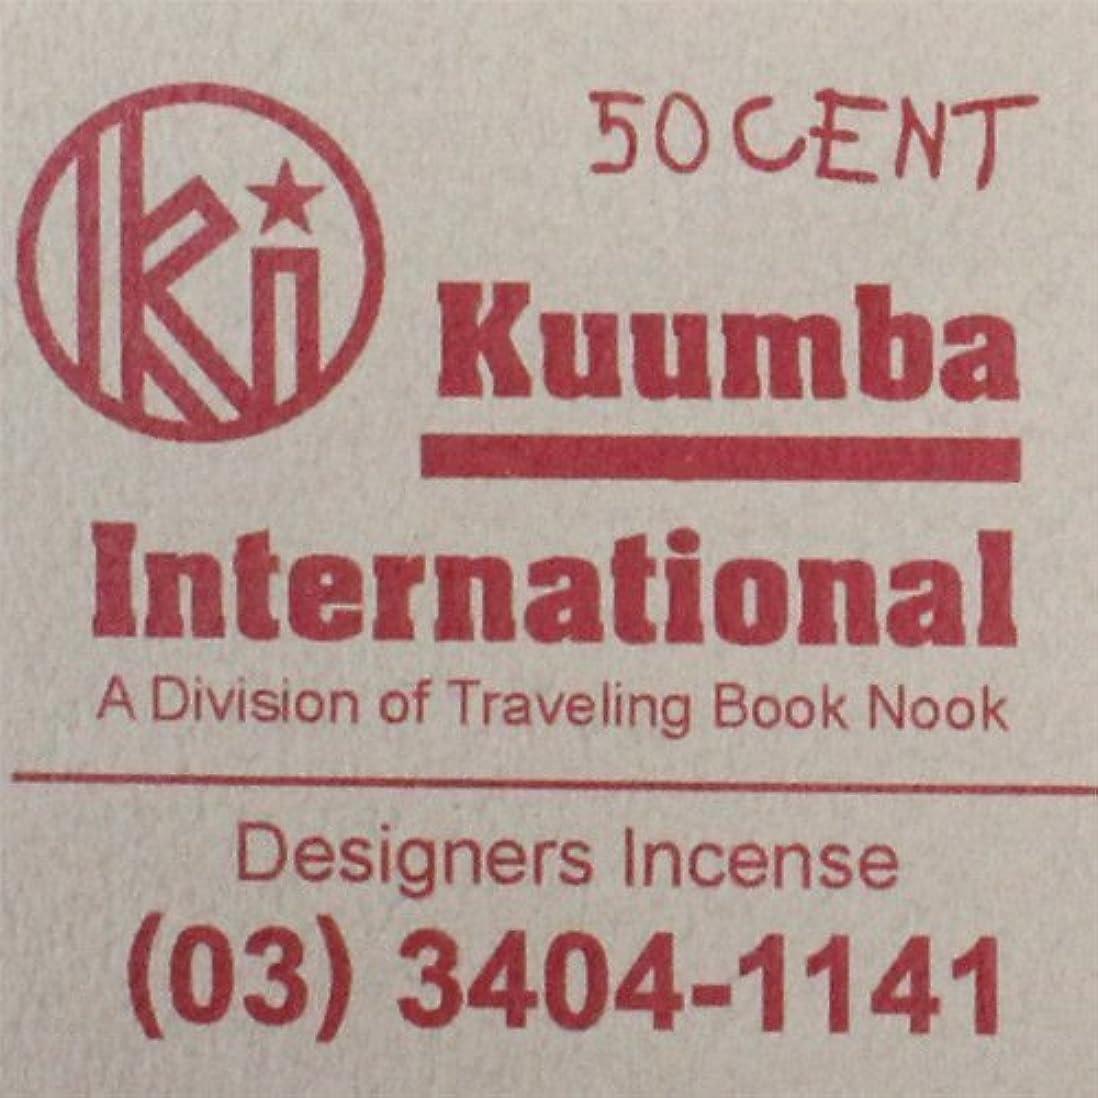 日帰り旅行に深める場合KUUMBA / クンバ『incense』(50CENT) (Regular size)